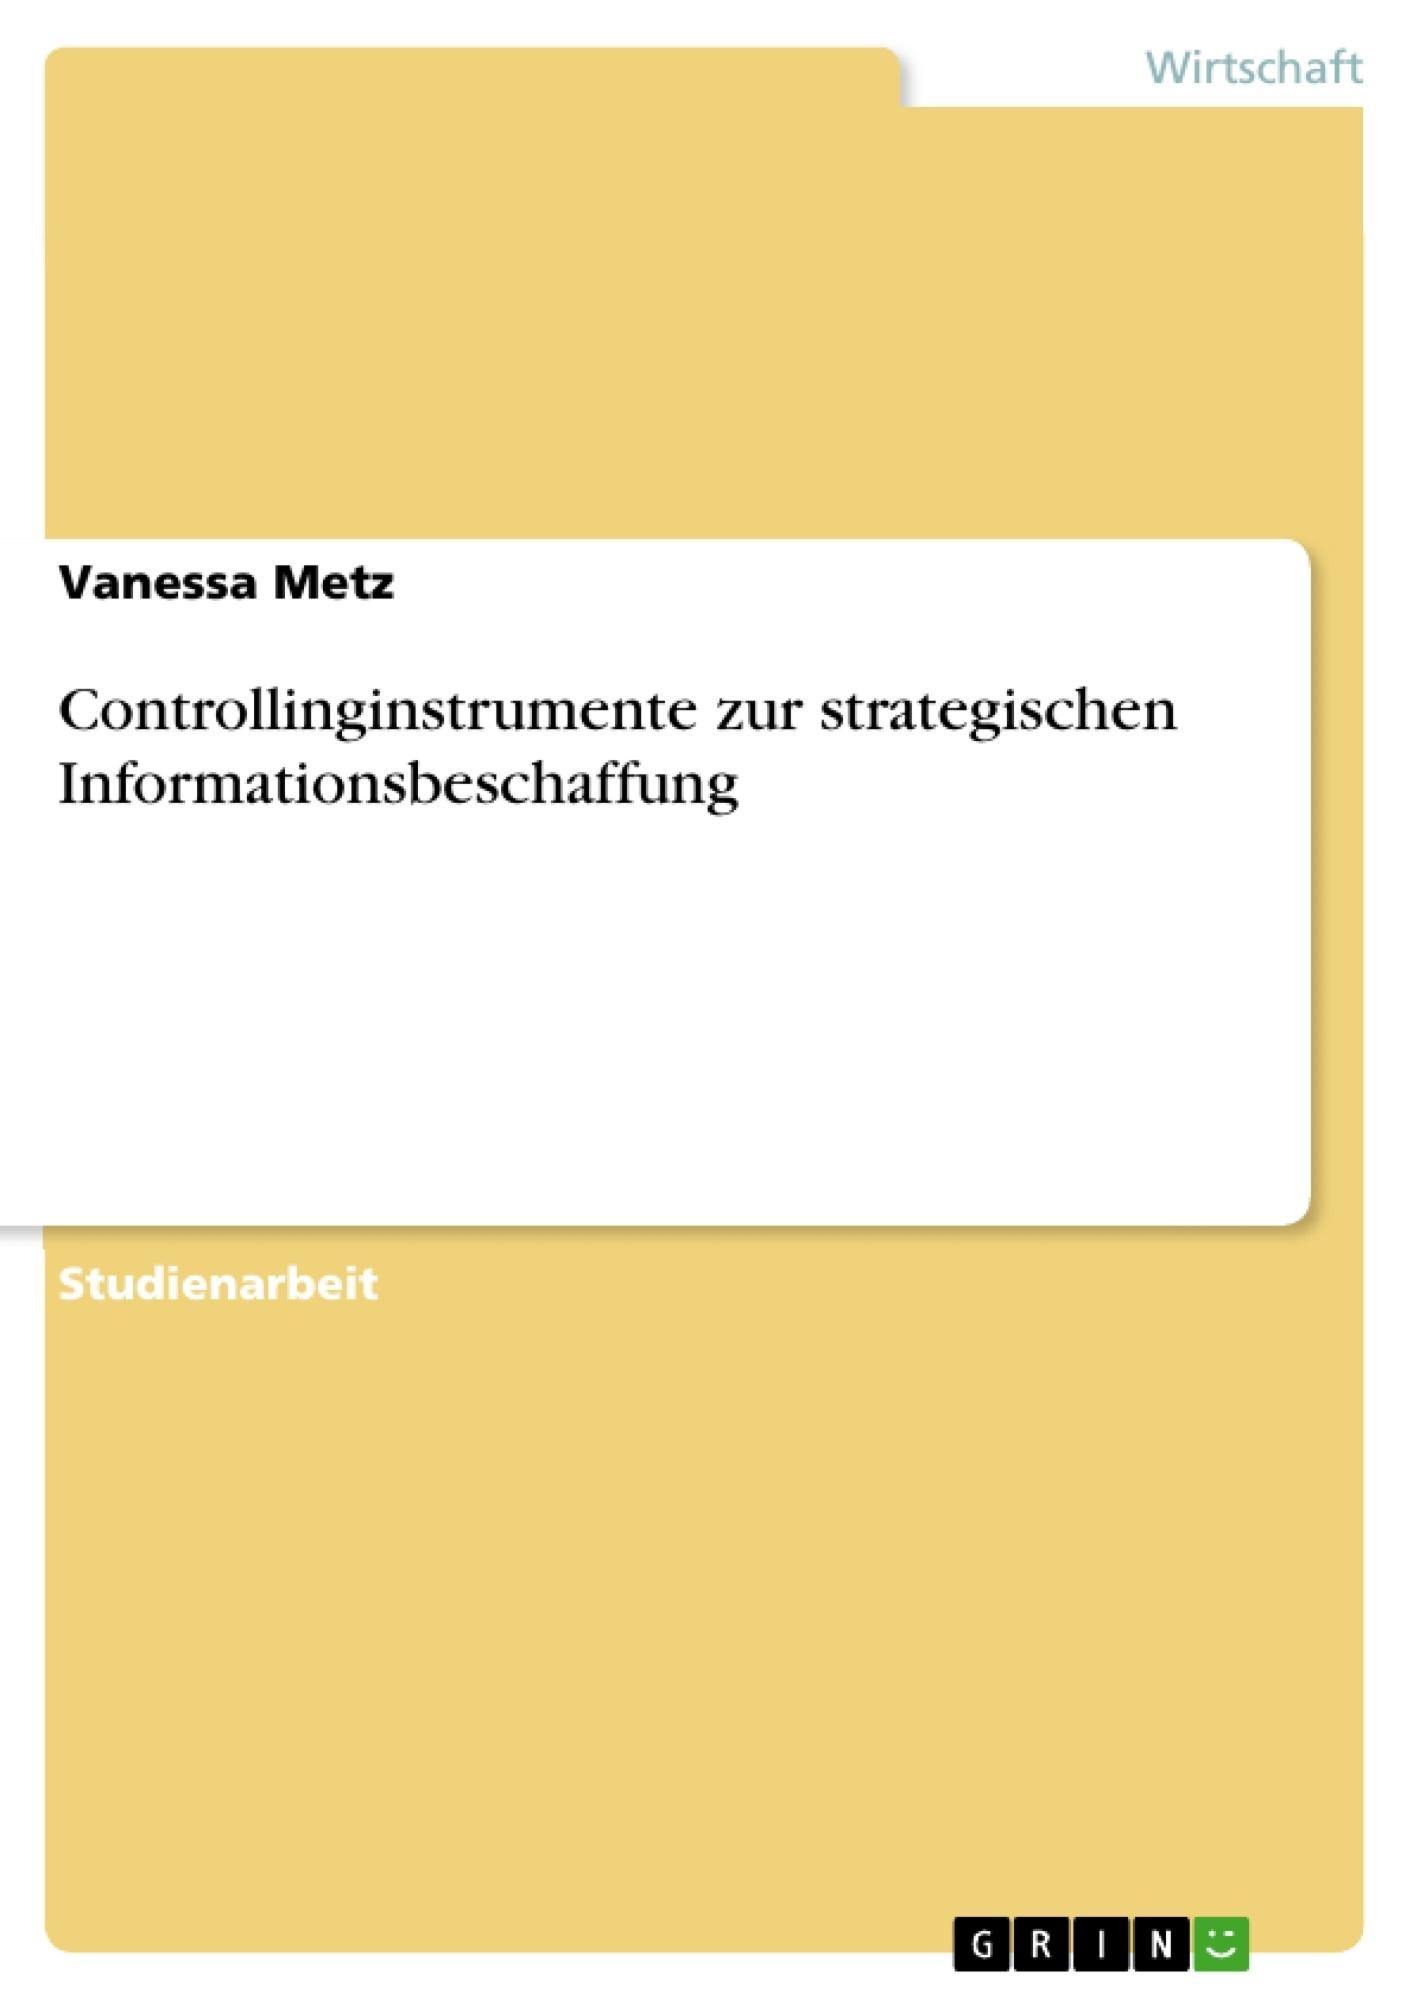 Titel: Controllinginstrumente zur strategischen Informationsbeschaffung